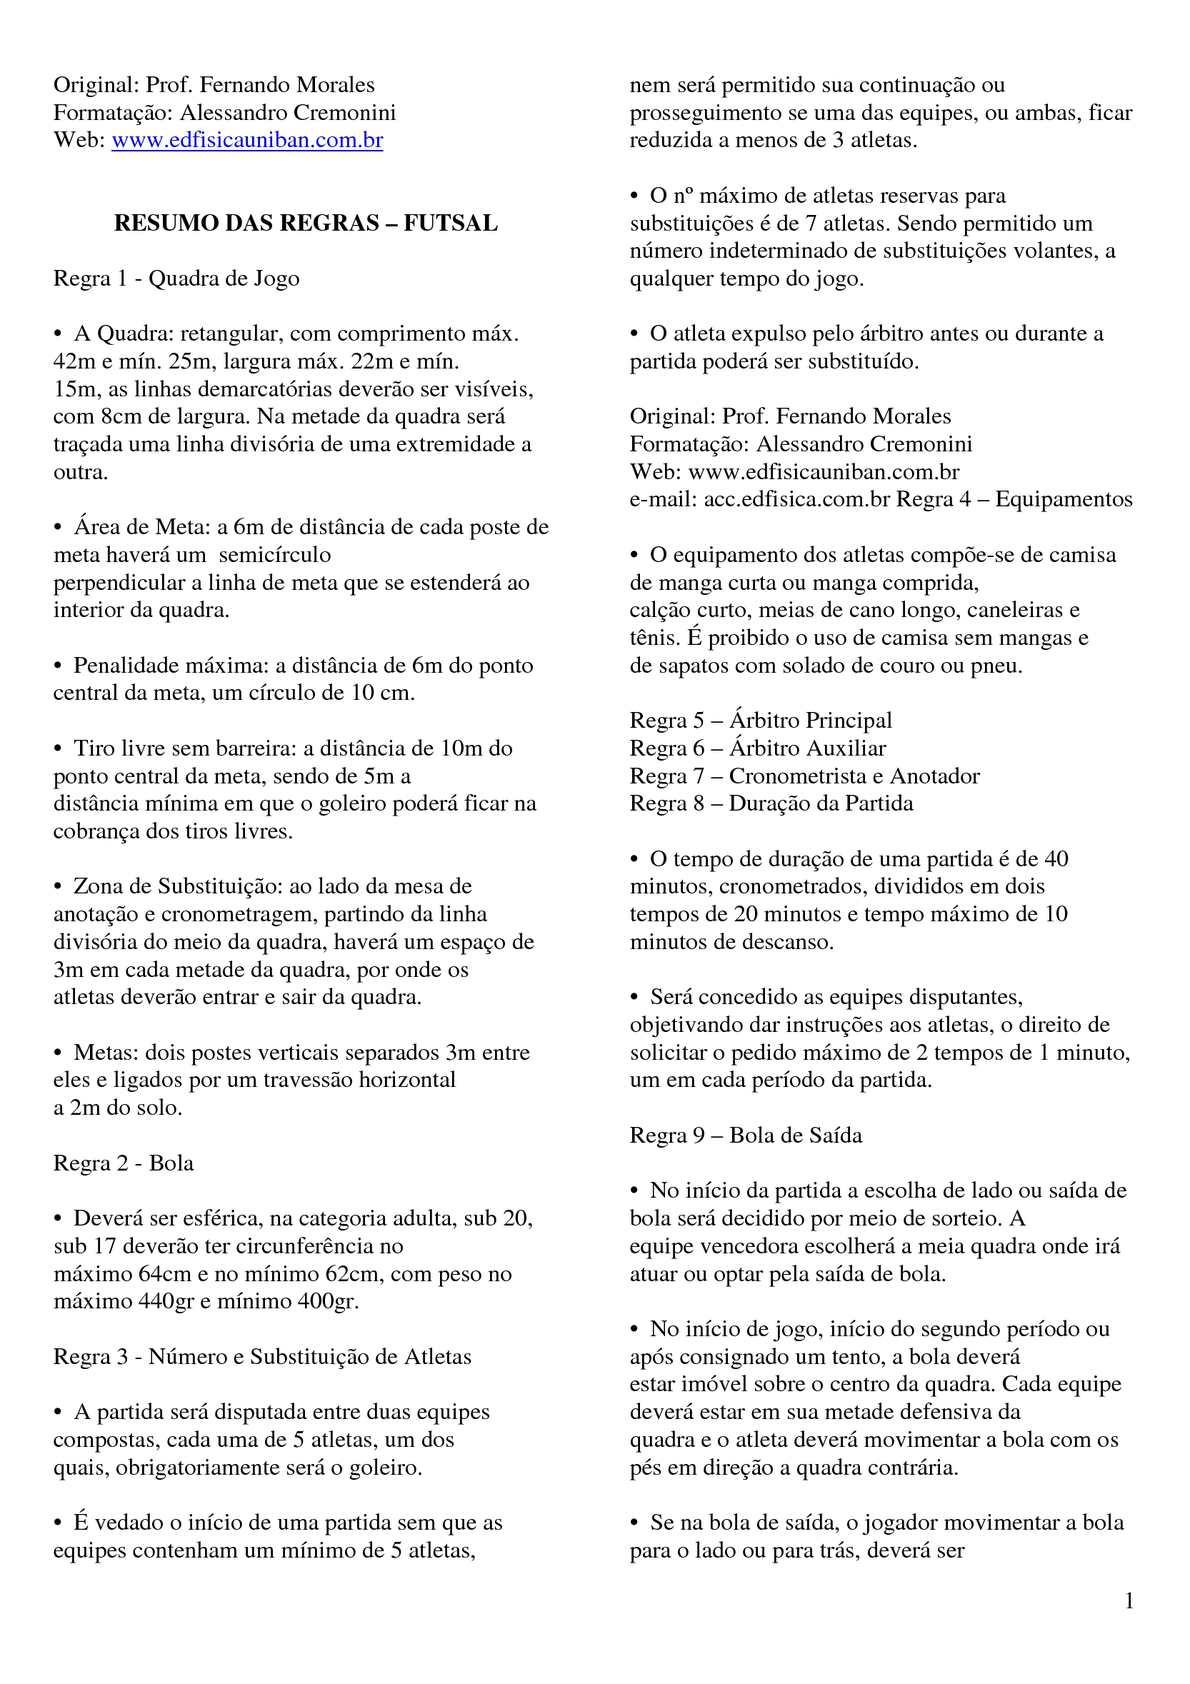 Calaméo - Resumo das Regras Oficiais Do Futsal a932b654f3ddf